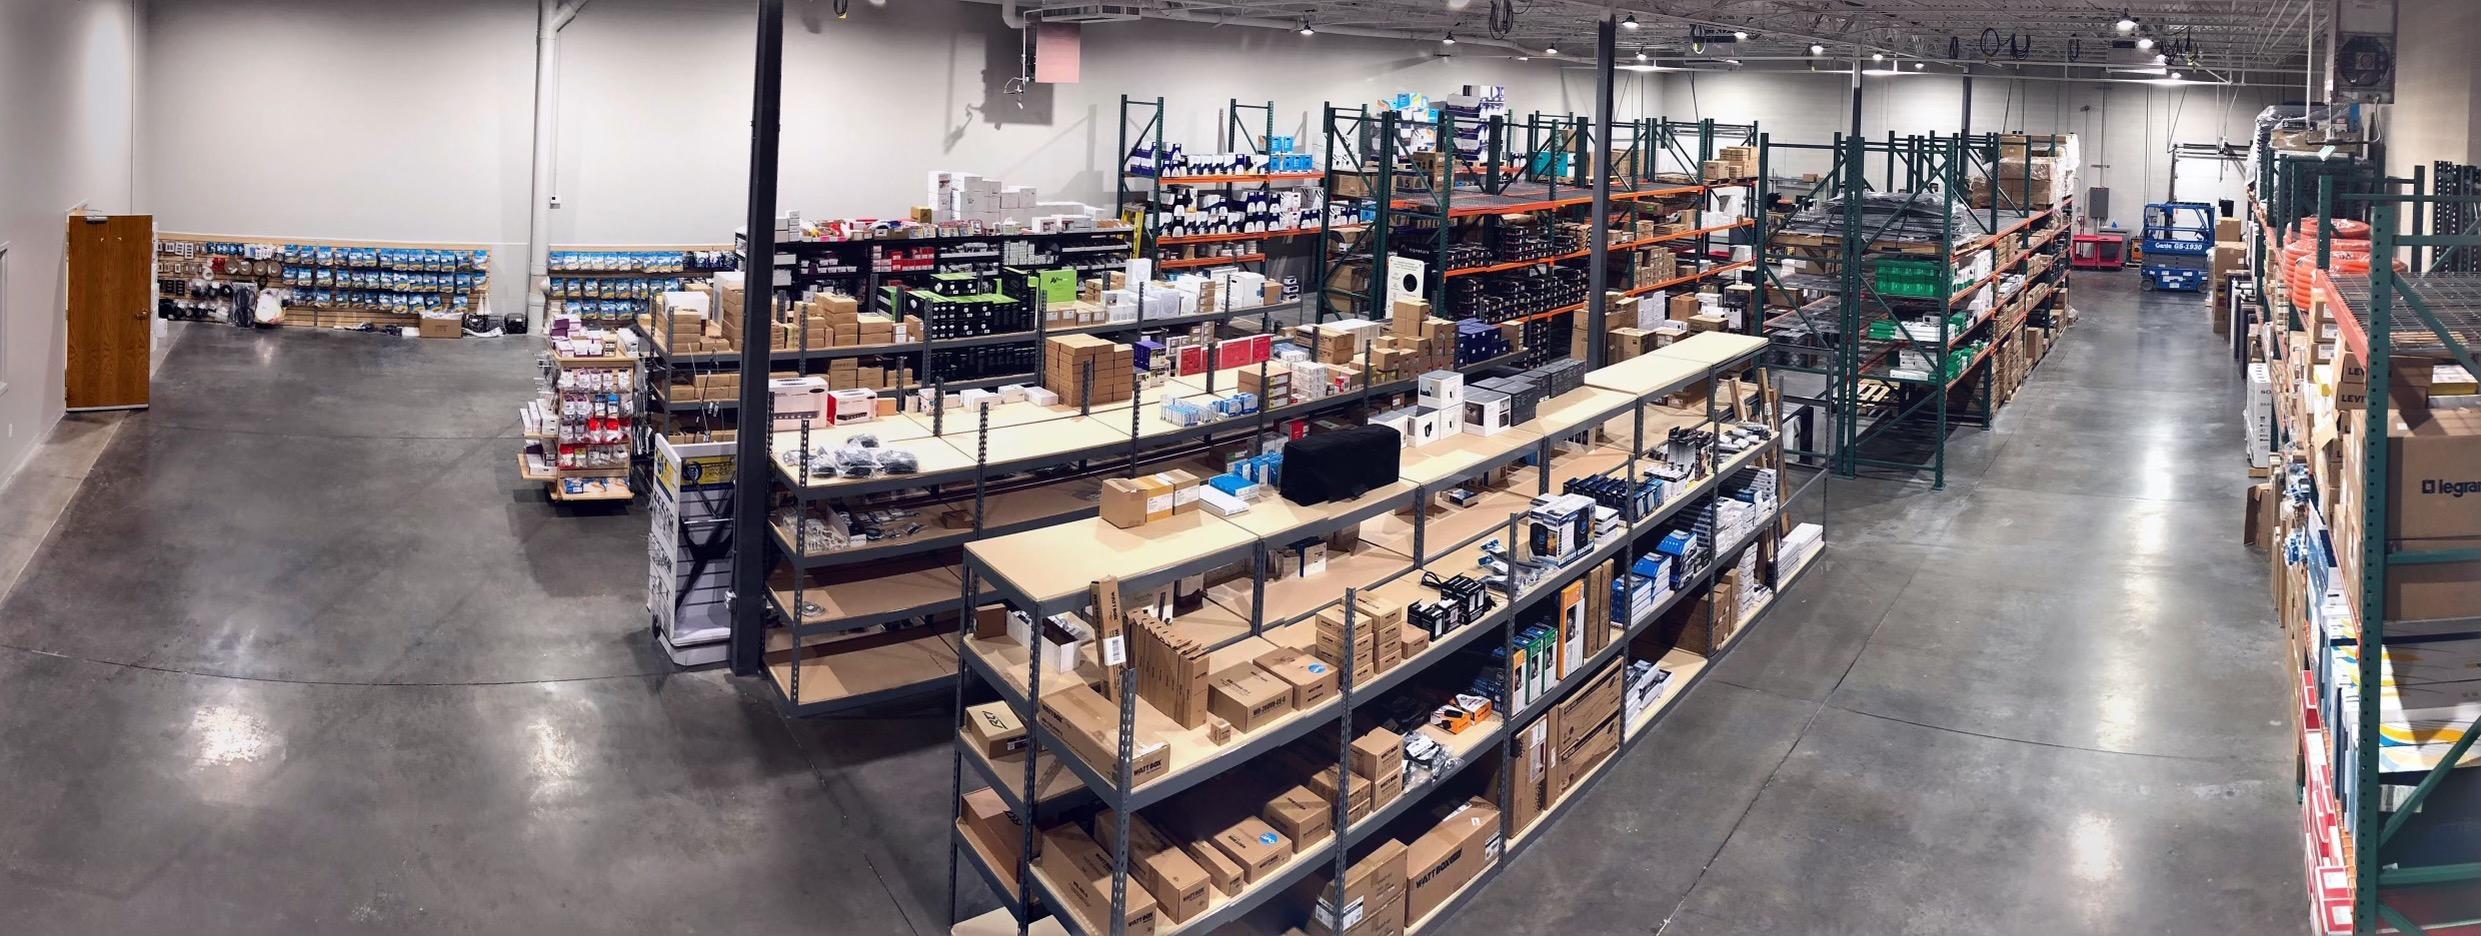 SnapAV Acquires HCA Distributing